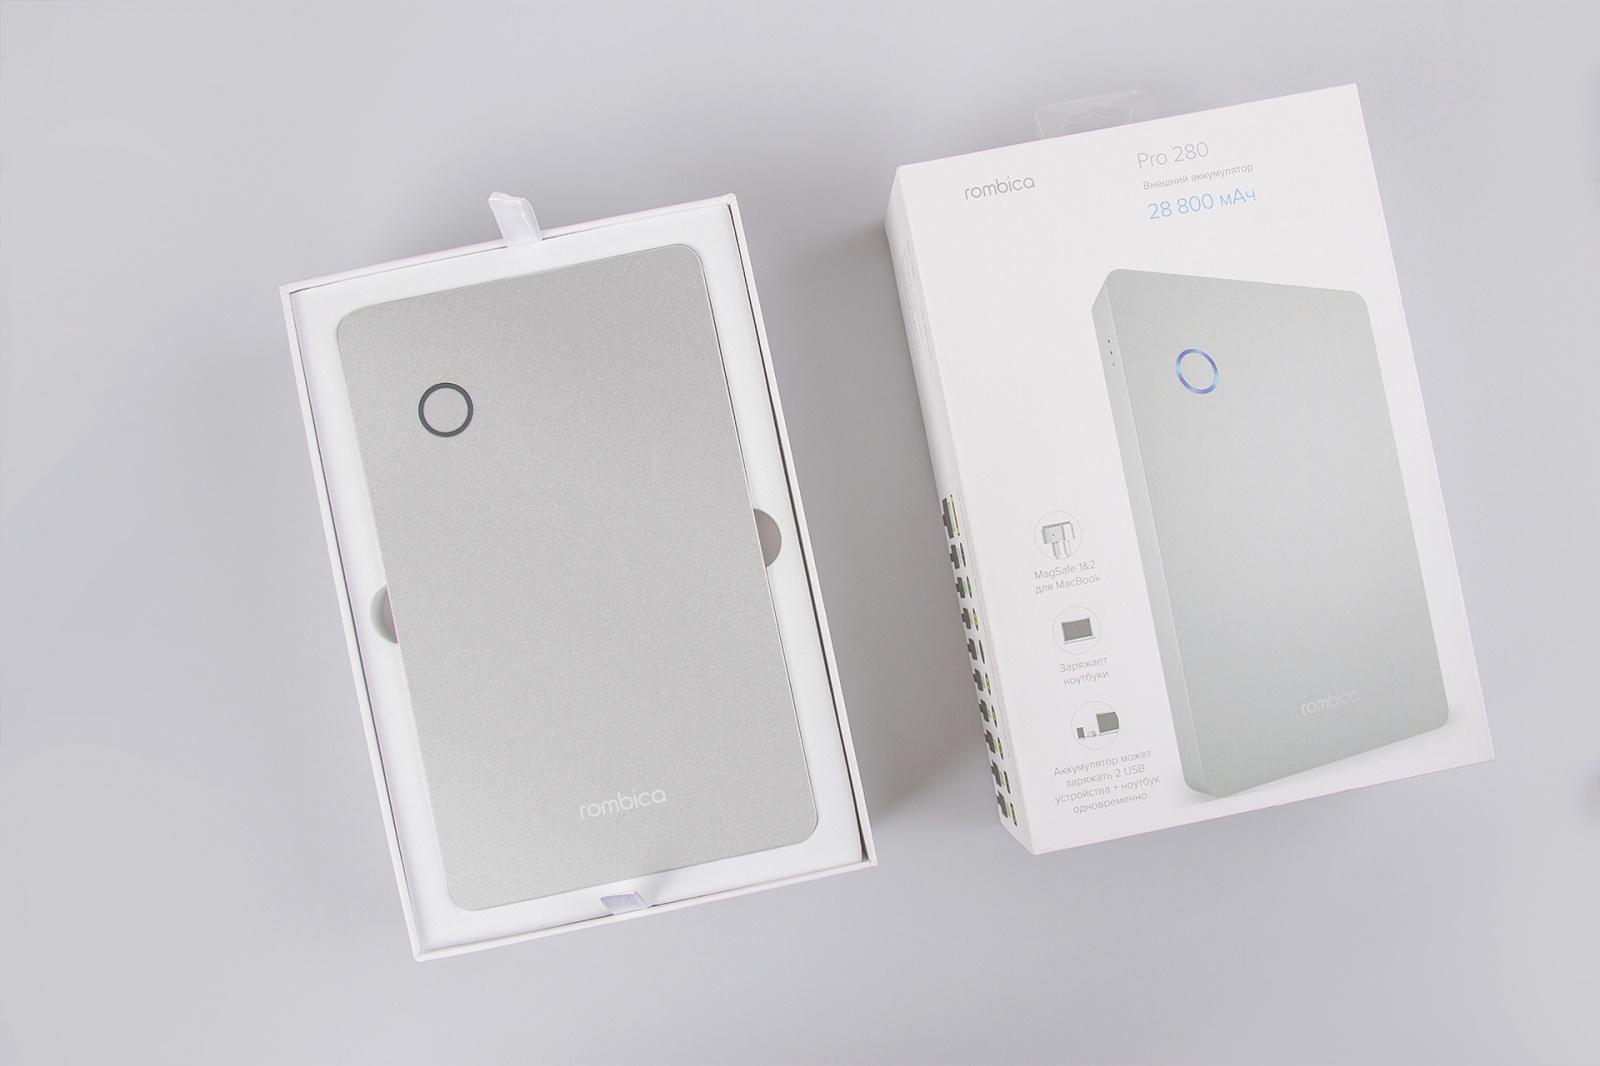 Зарядные устройства Rombica обеспечат энергией все — от нотбуков до коптеров - 4